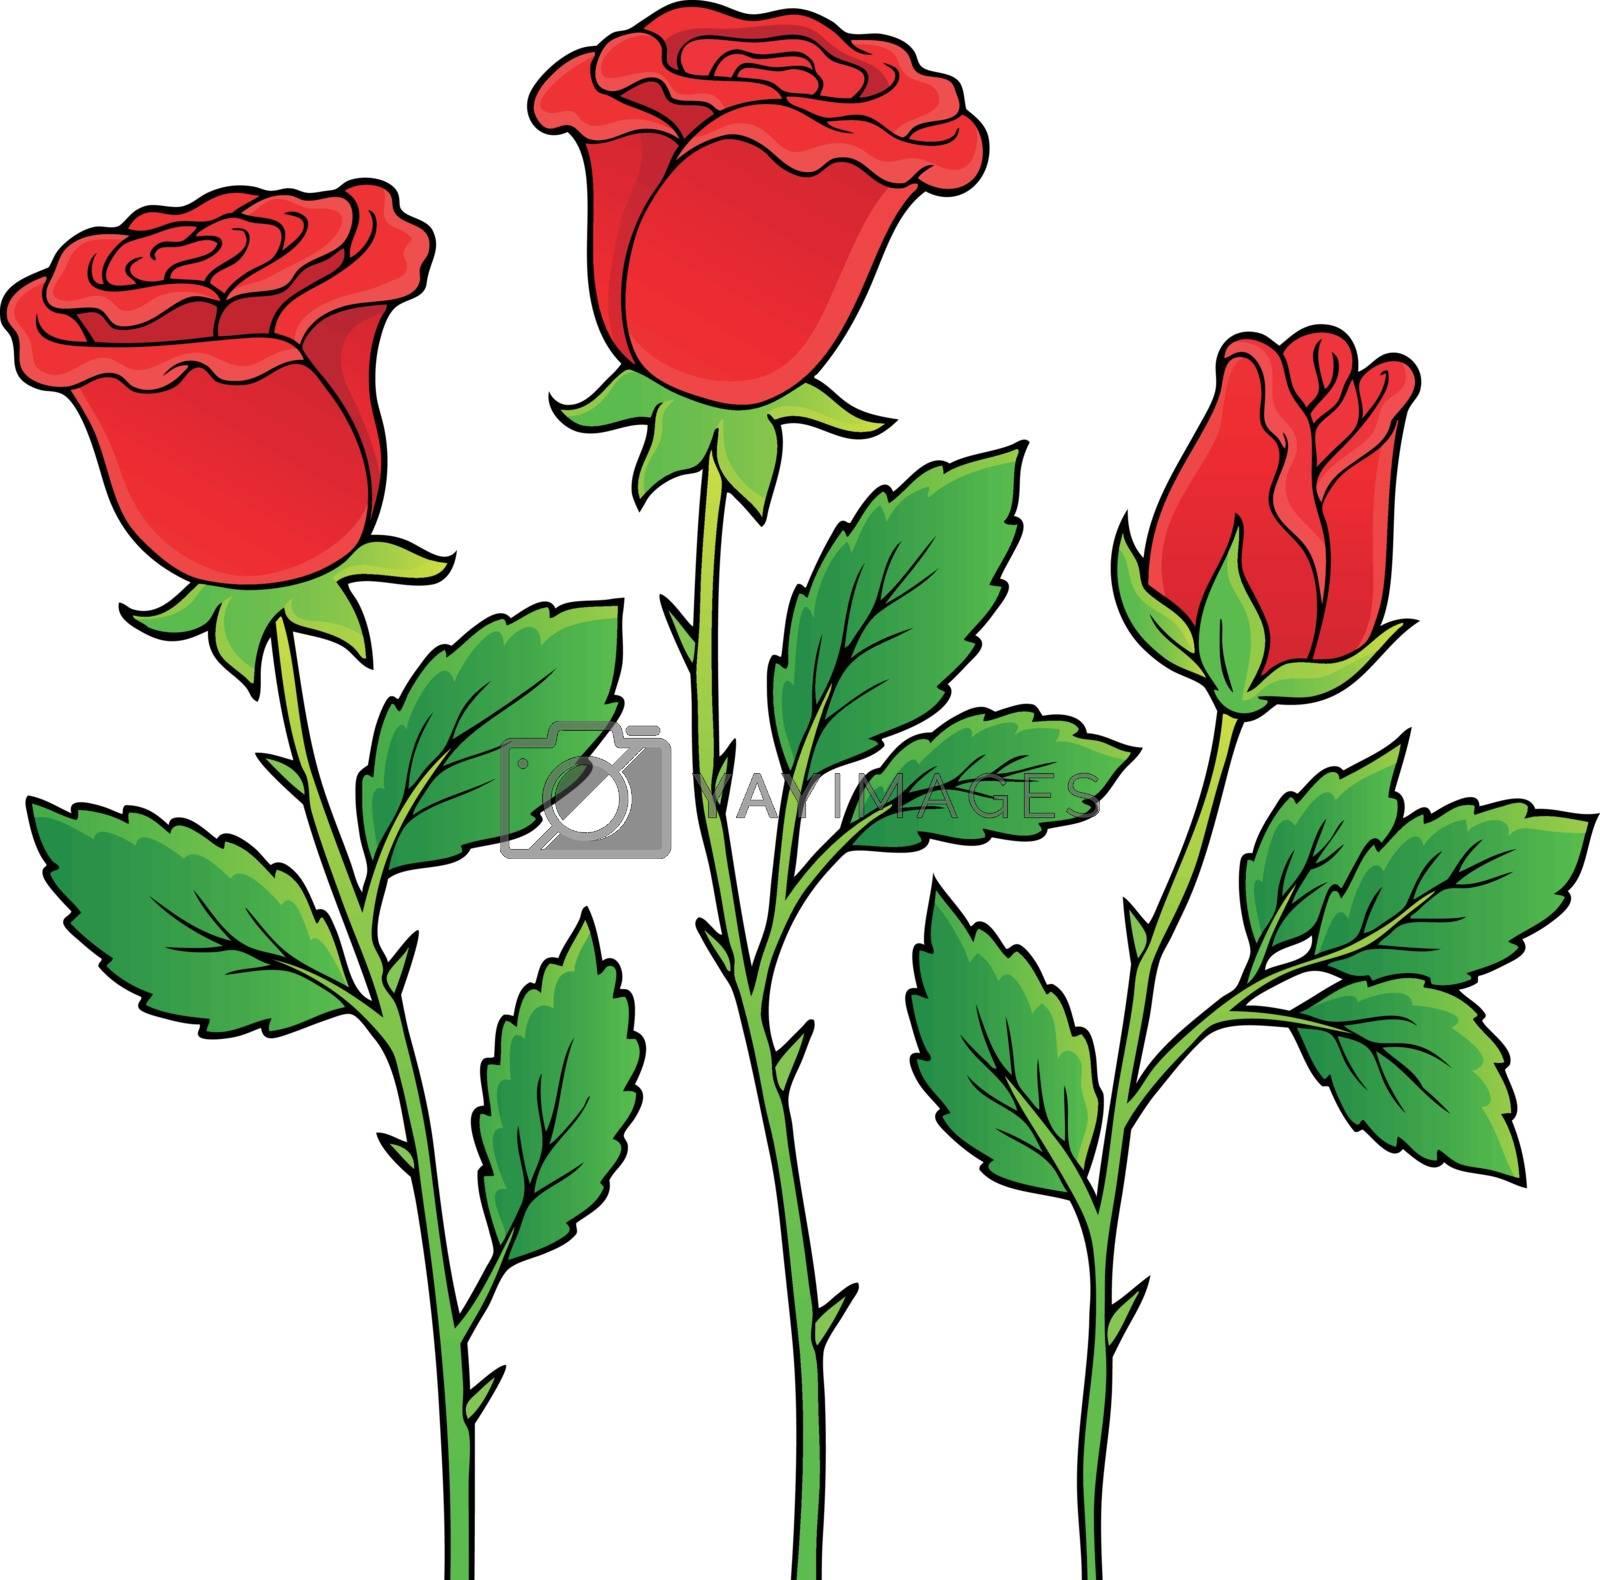 Rose flower theme image 1 - eps10 vector illustration.